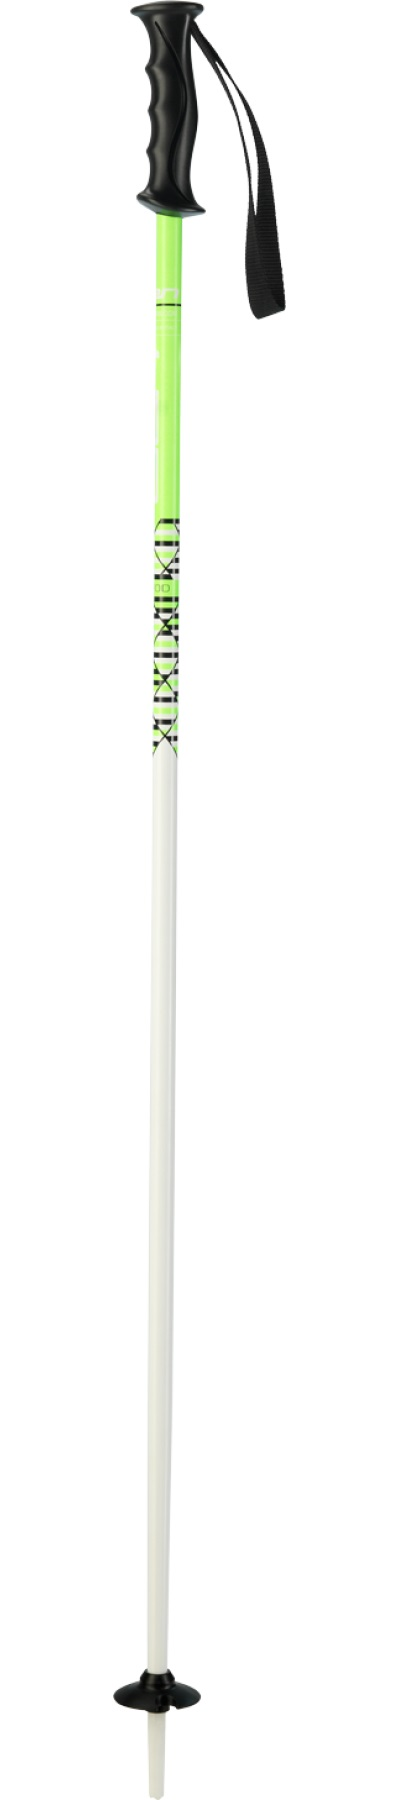 Горнолыжные палки Elan 2017-18 SP HOTrod JR GREEN (см:85), Горные лыжи - арт. 979610420